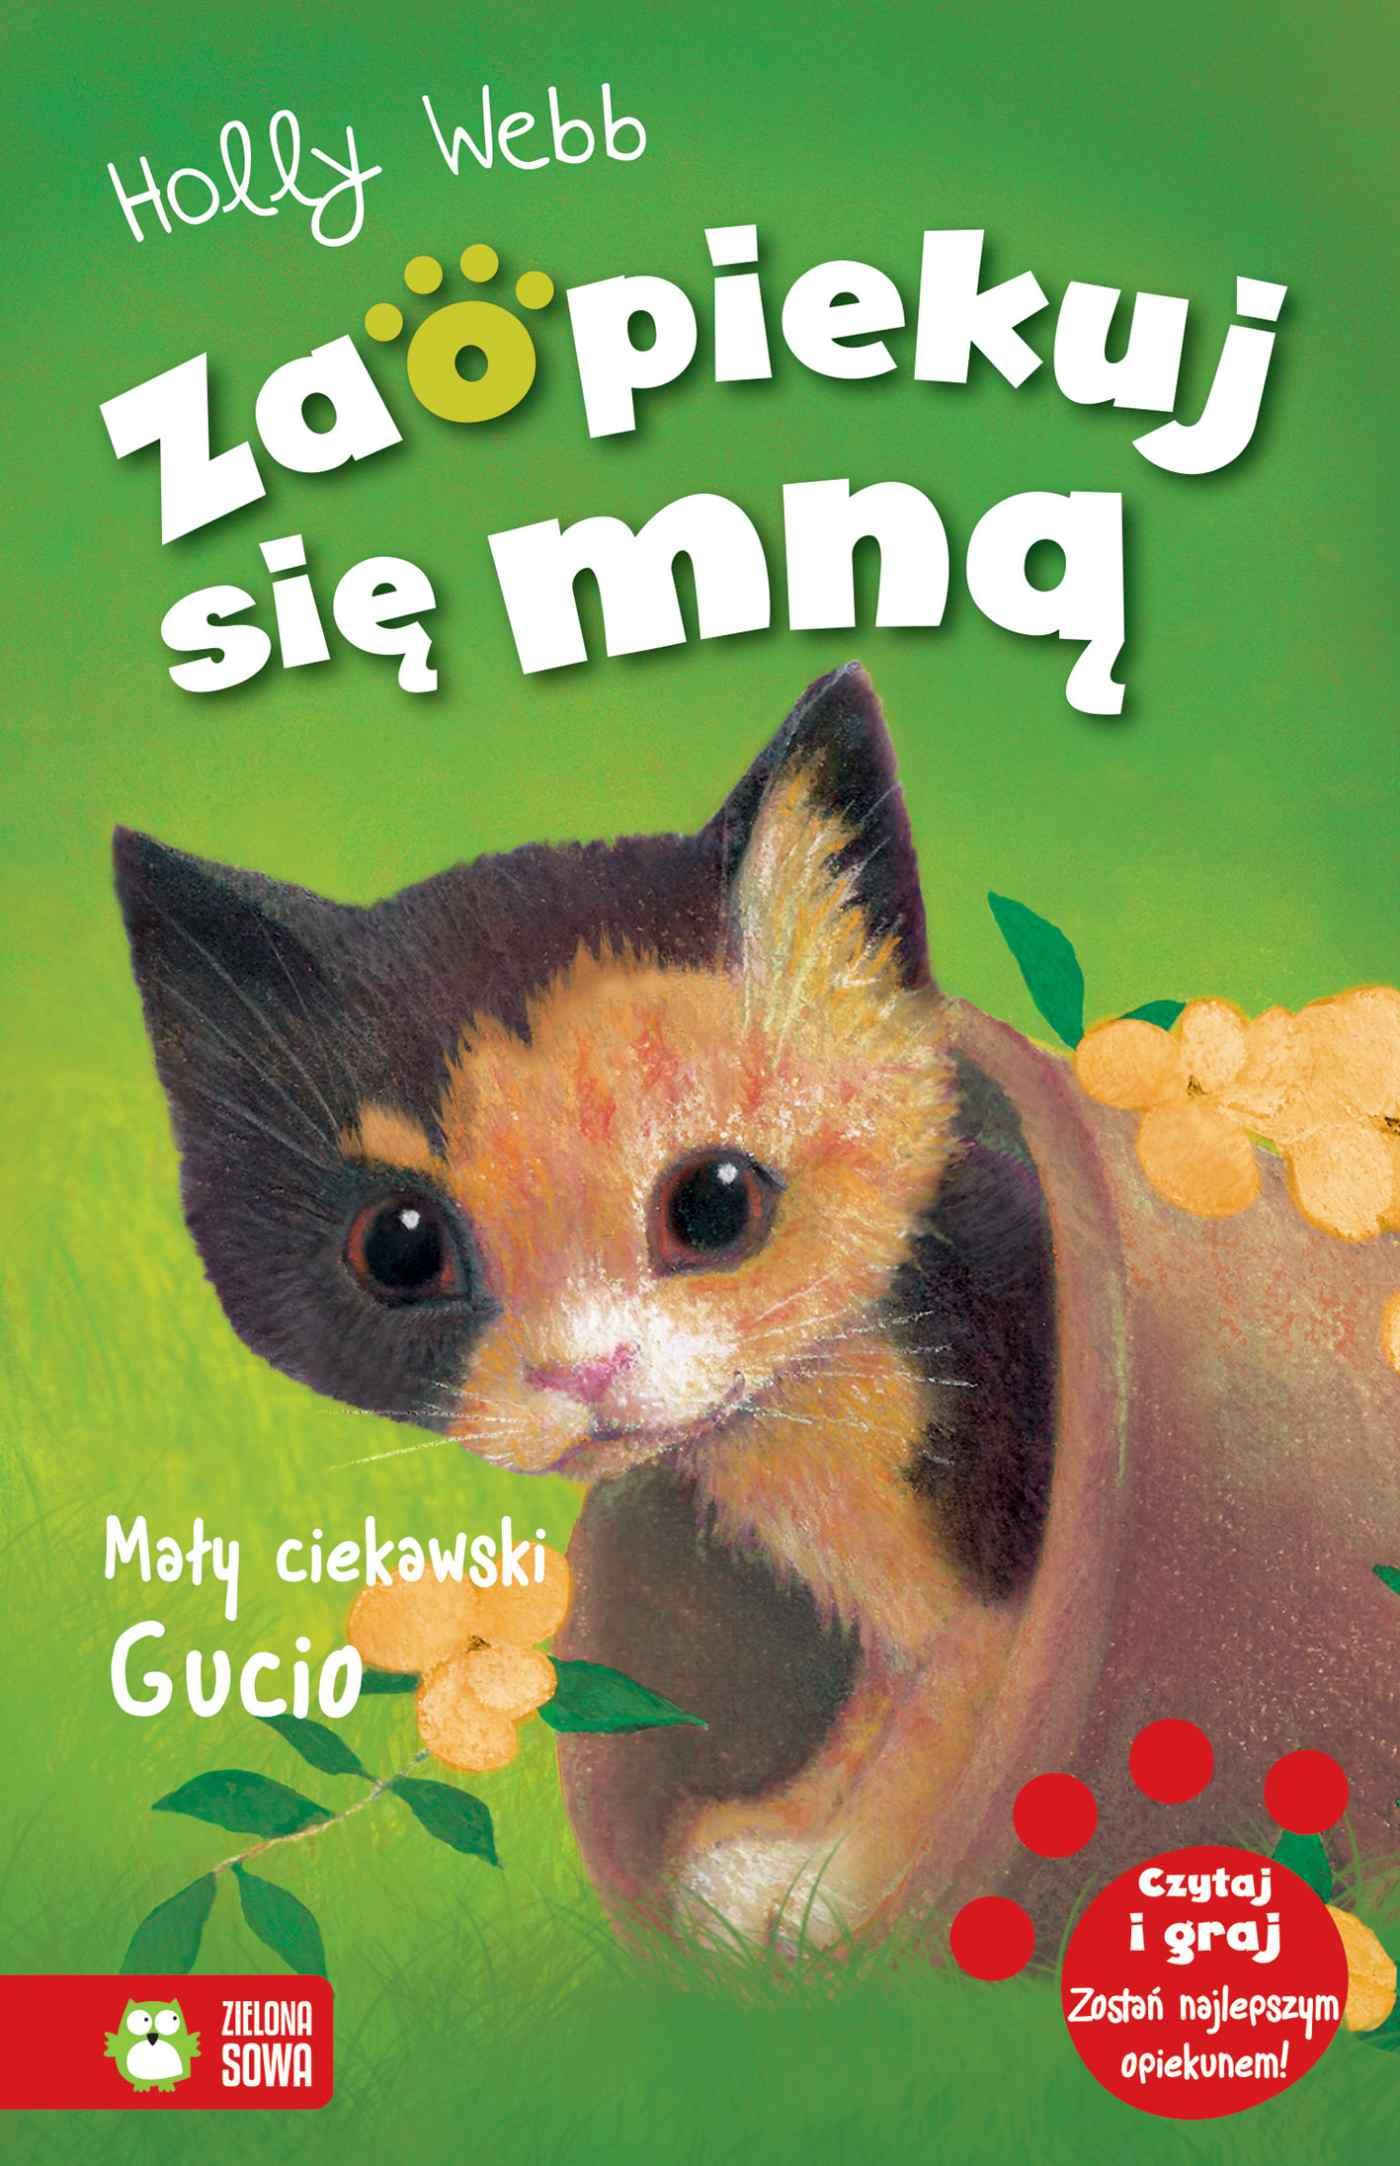 Zaopiekuj się mną. Tom 35. Mały ciekawski Gucio - Ebook (Książka na Kindle) do pobrania w formacie MOBI